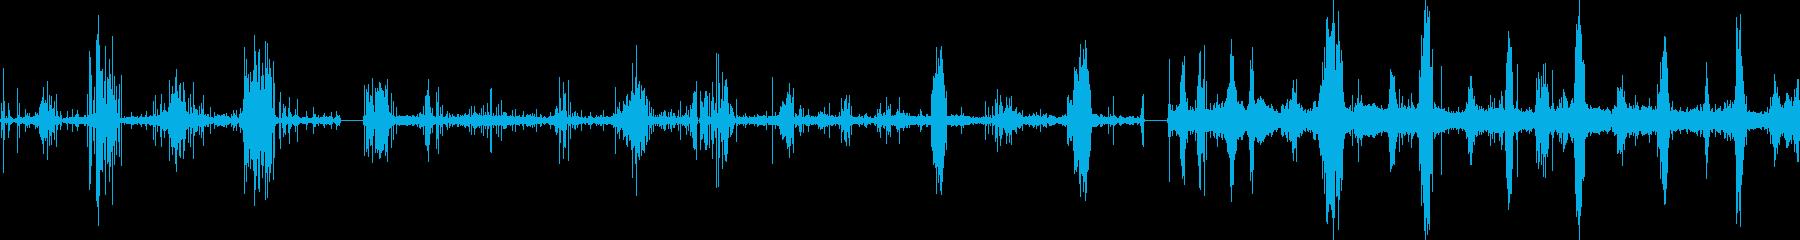 スチールワイヤー、プル、グラインド...の再生済みの波形